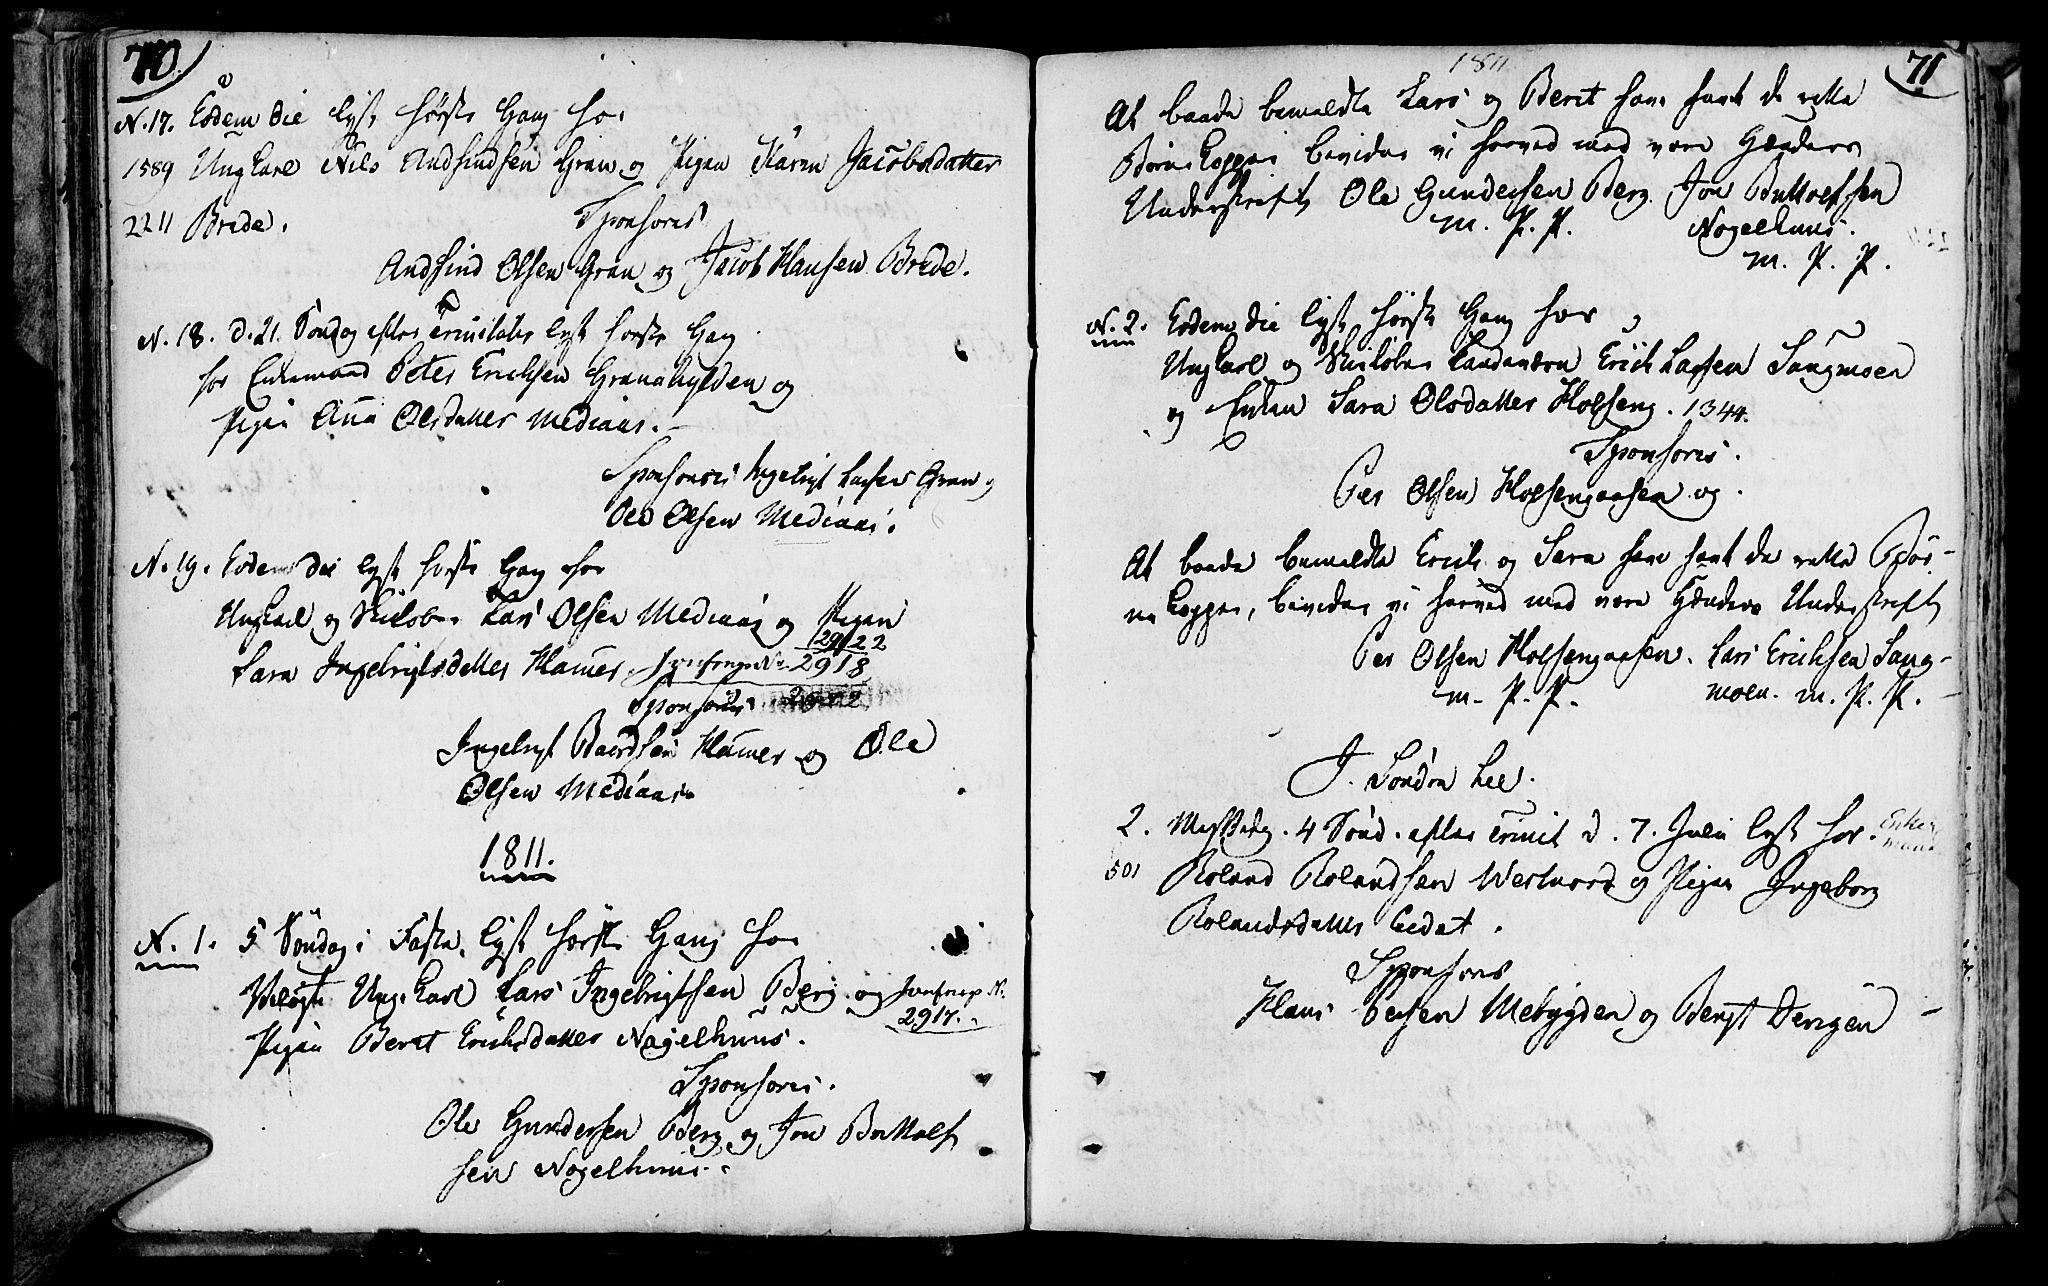 SAT, Ministerialprotokoller, klokkerbøker og fødselsregistre - Nord-Trøndelag, 749/L0468: Ministerialbok nr. 749A02, 1787-1817, s. 70-71